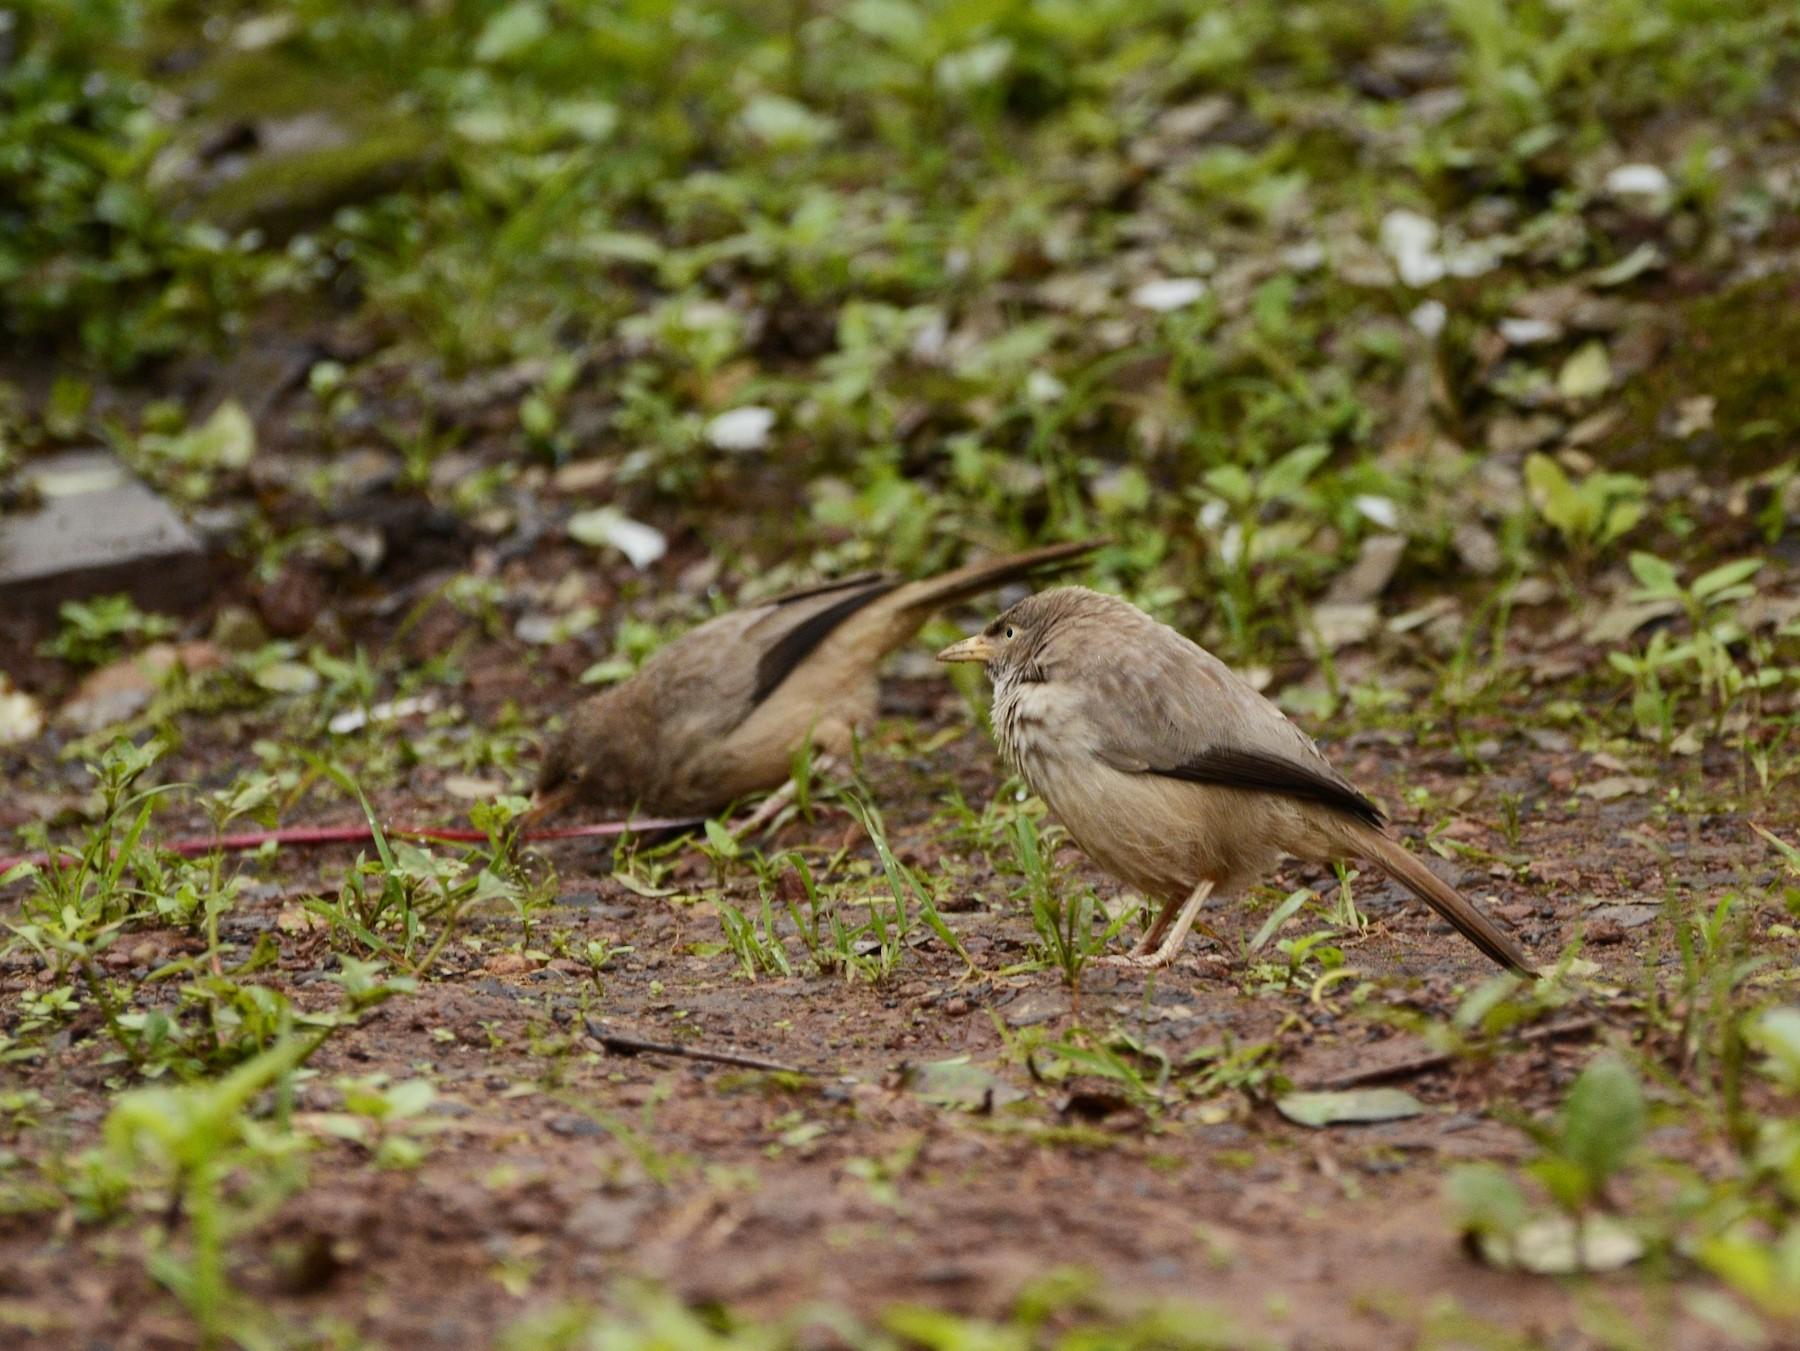 Jungle Babbler - Panchapakesan Jeganathan